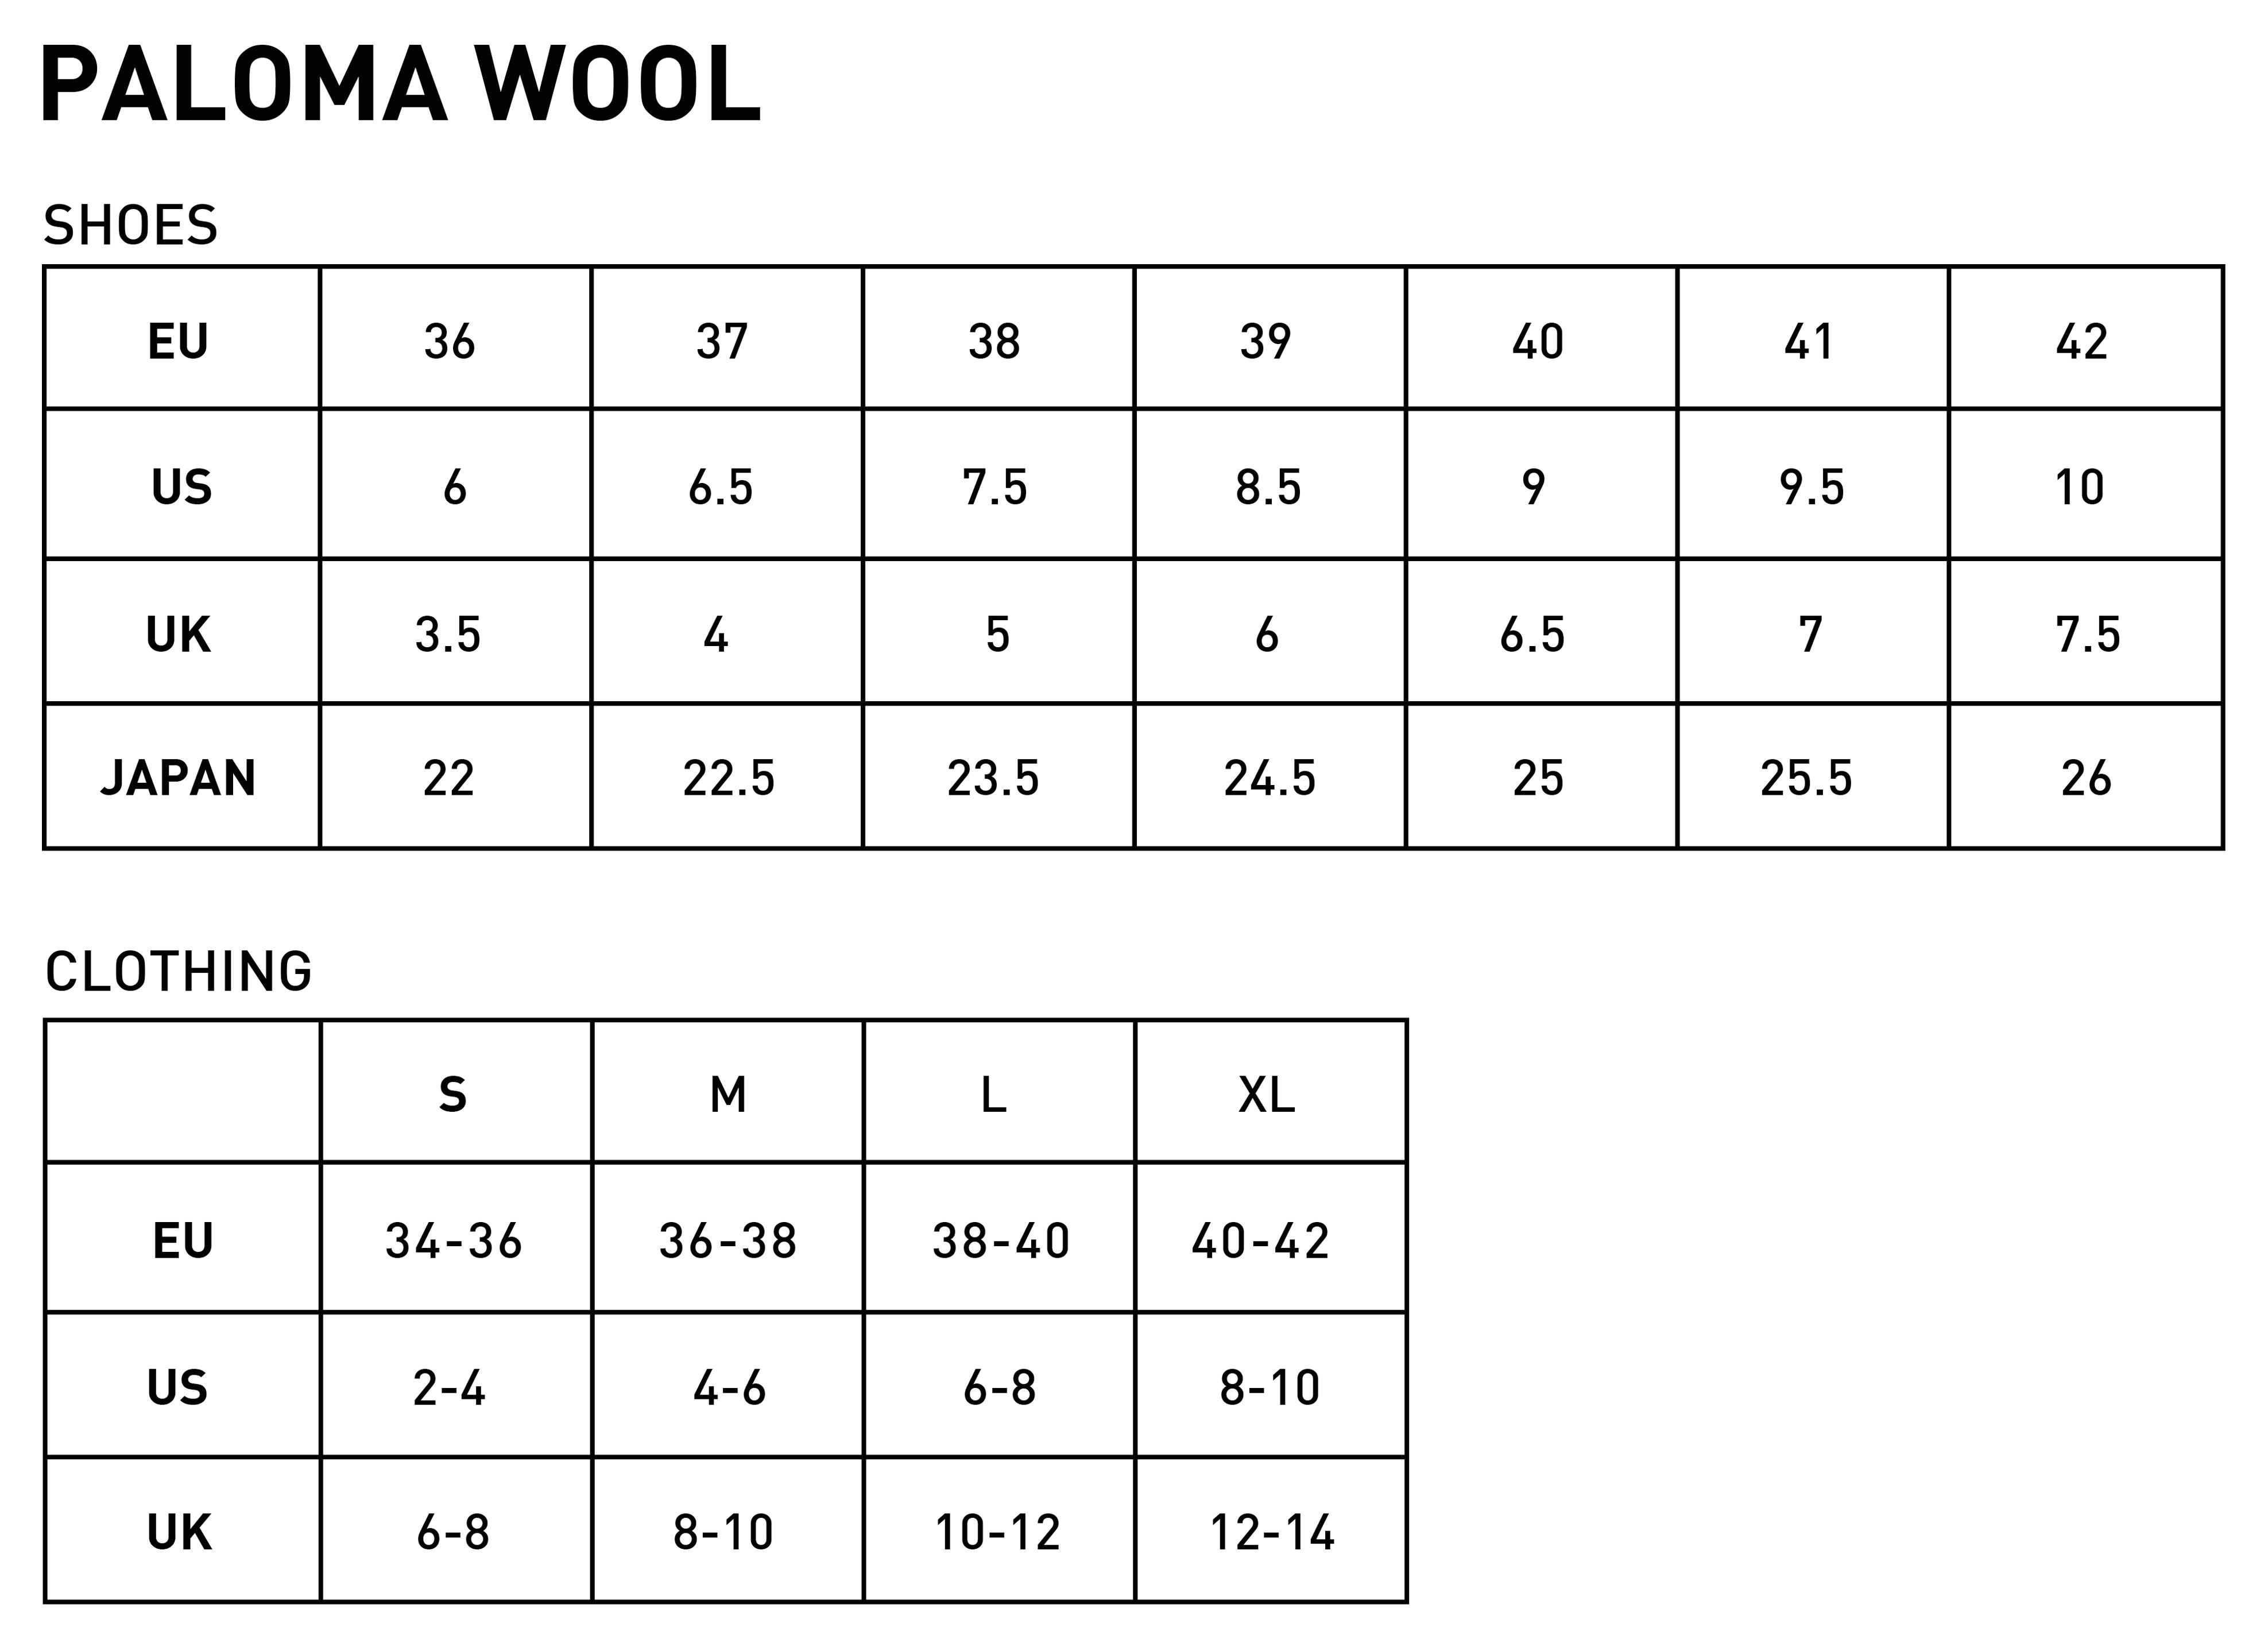 Paloma_wool_size_chart_2021